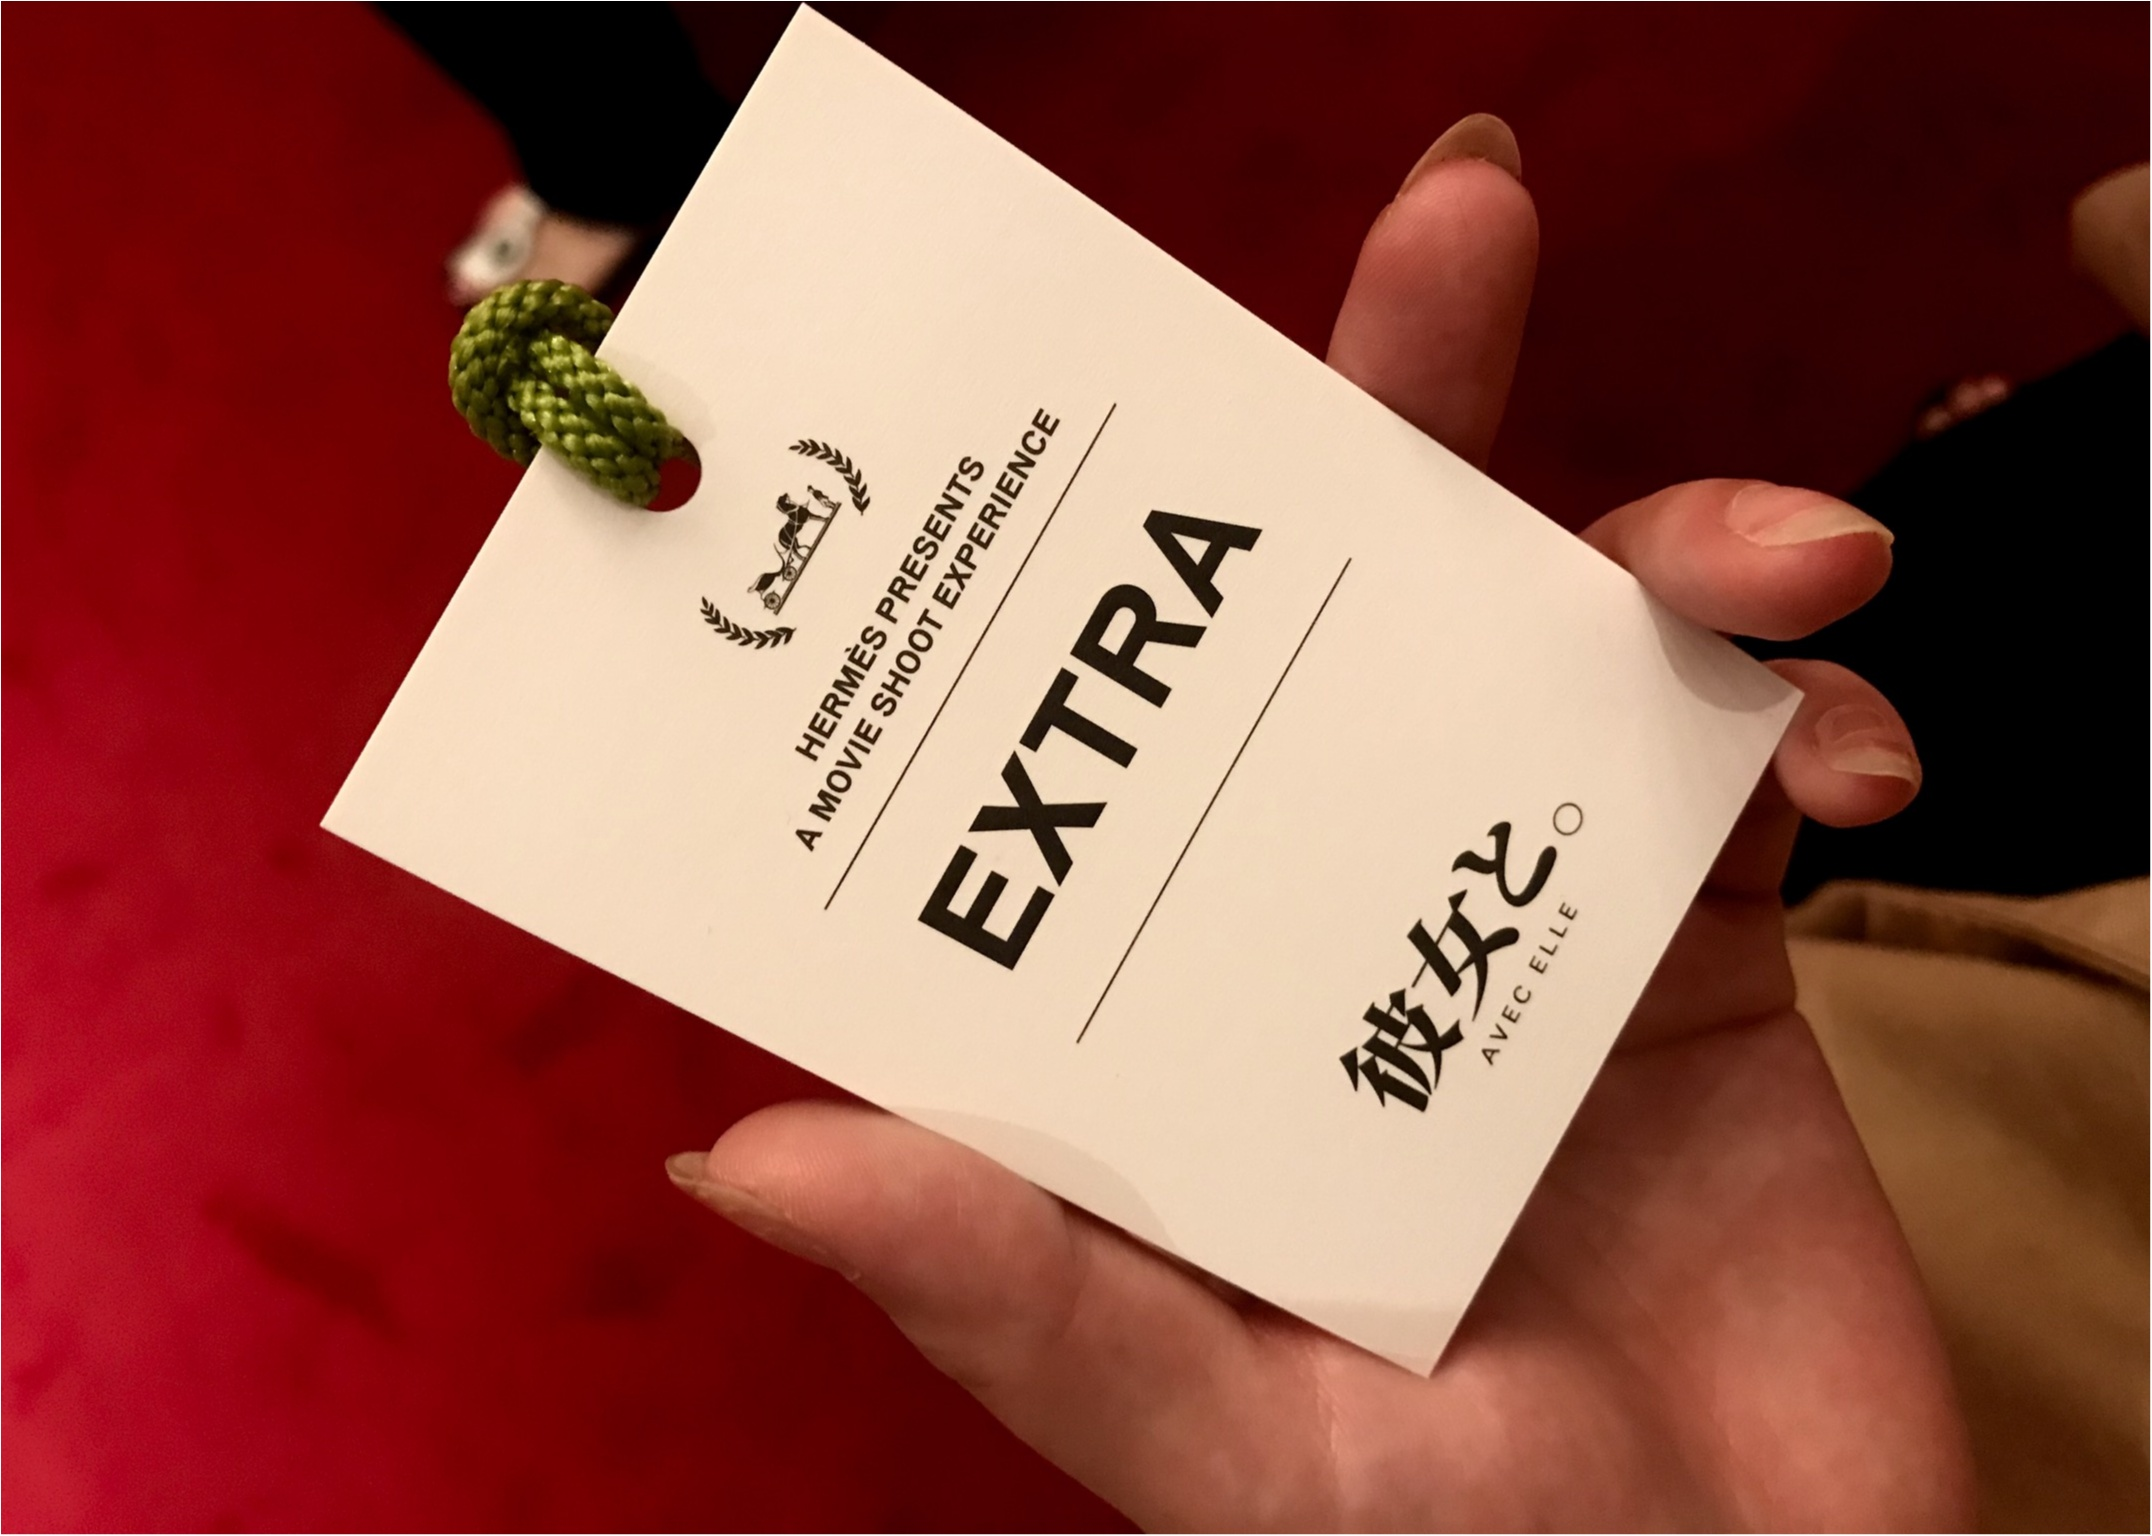 """【HERMES展】六本木で開催中の展示会"""" 彼女と。"""" シネマ体験で映画の世界へ入り込む!_3"""